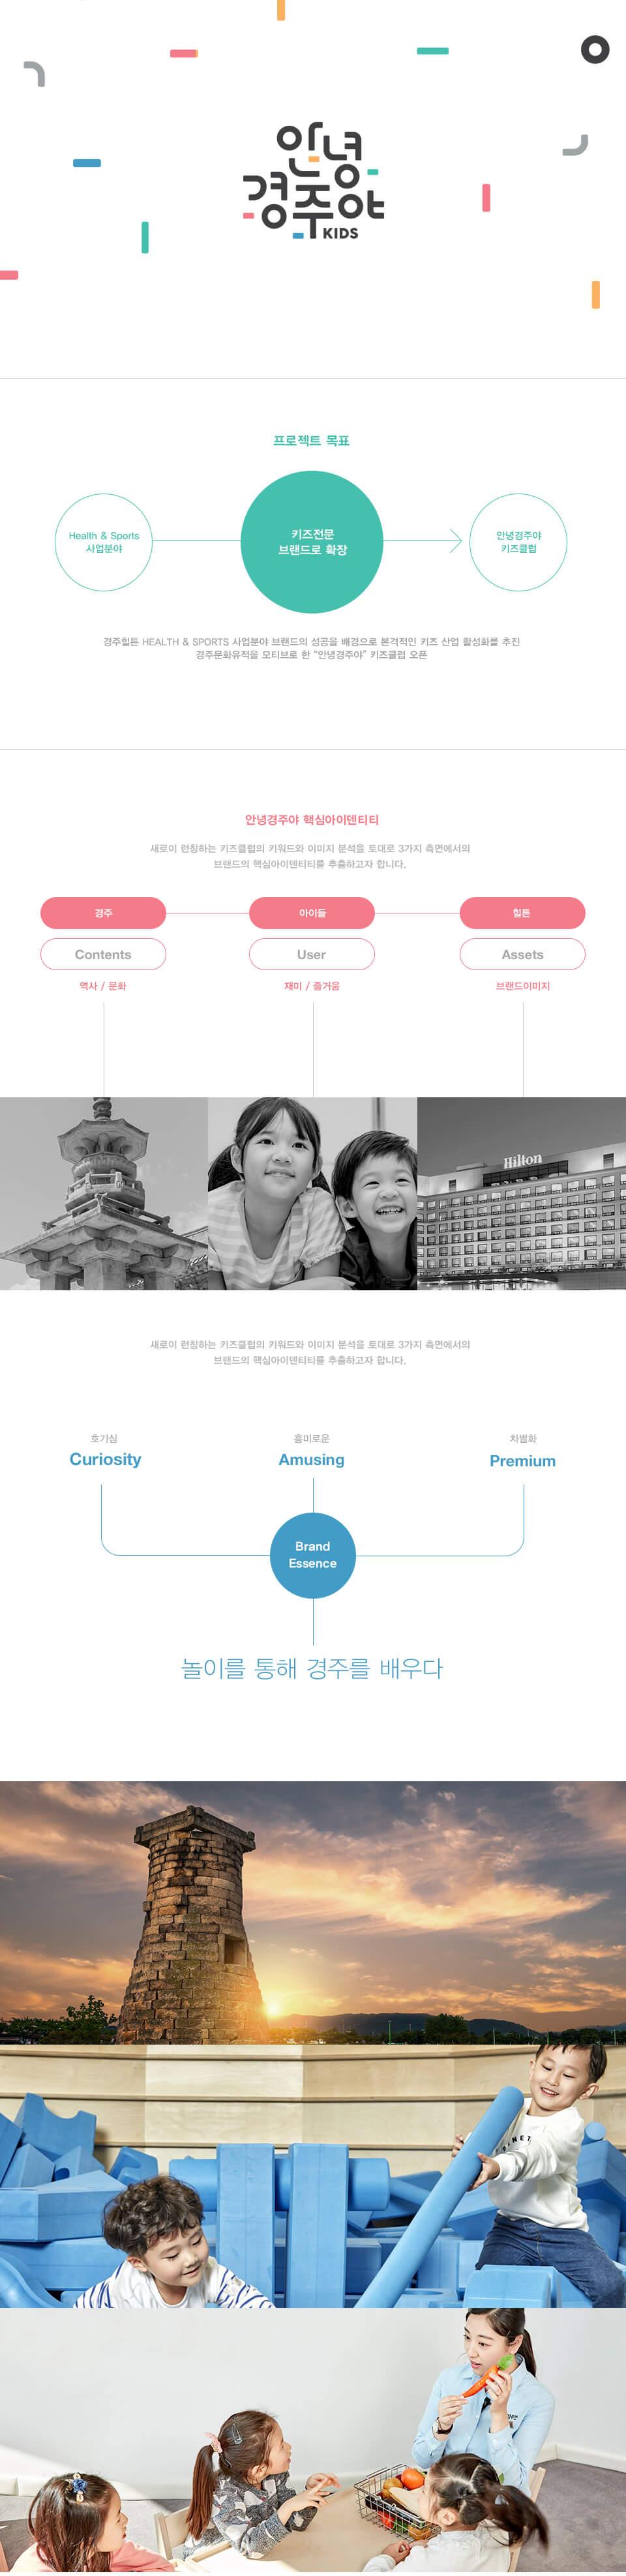 韓國國際飯店兒童俱樂部LOGO設計